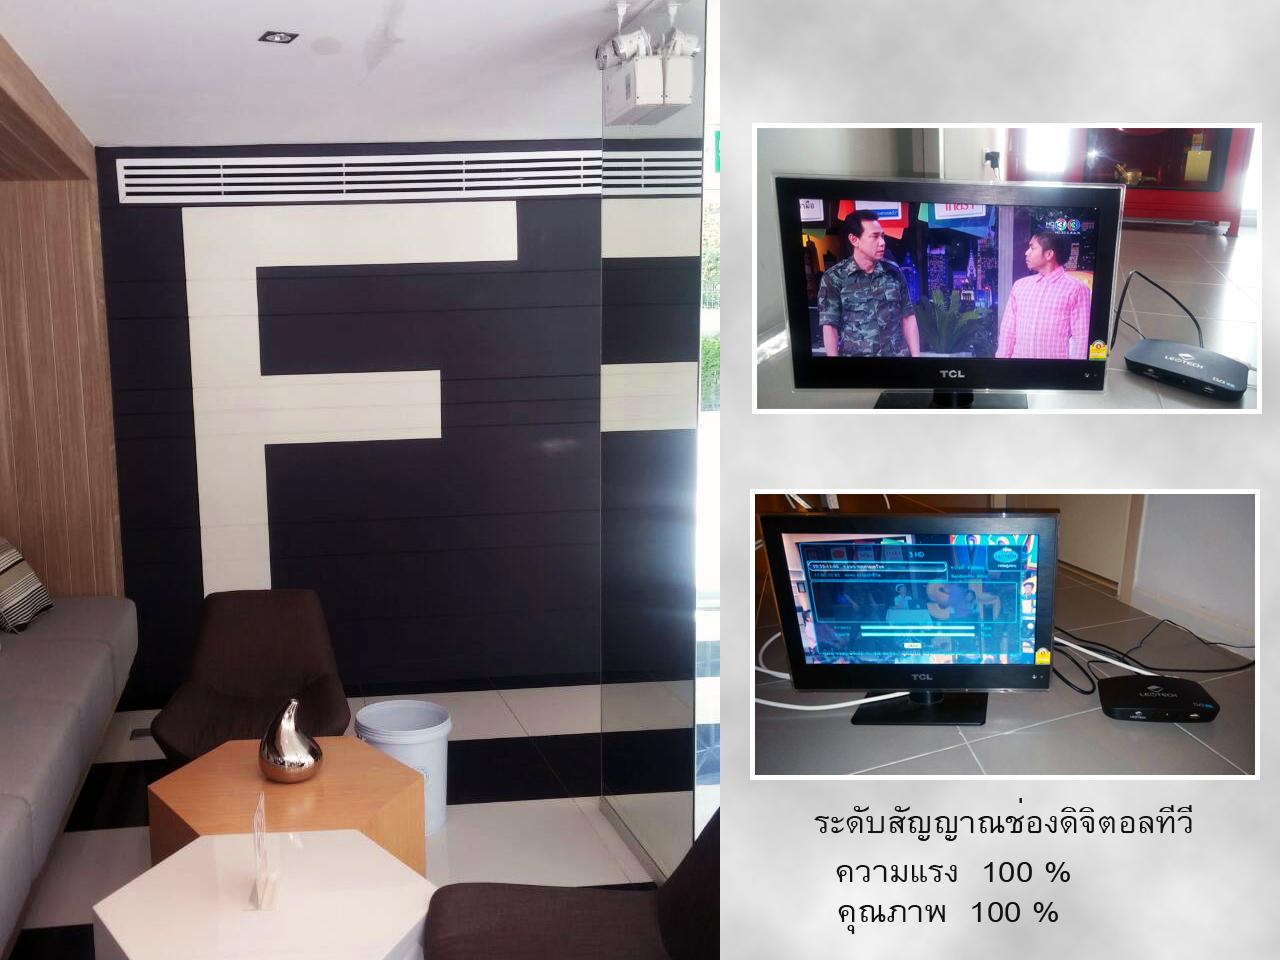 ทดสัญญาณดิจิตอลทีวี ที่อาคาร F